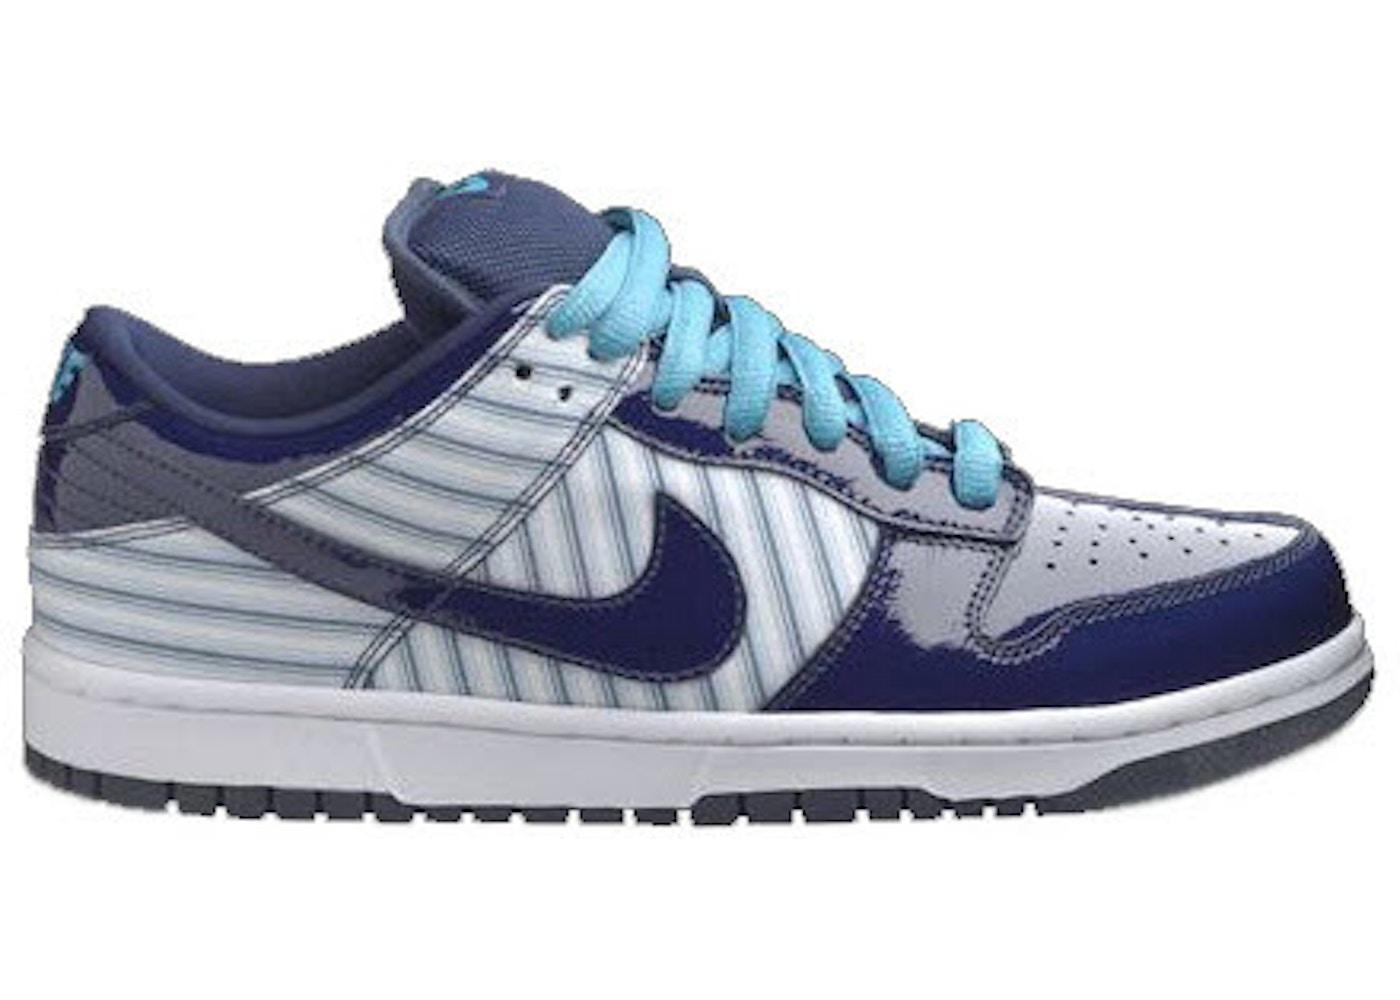 2f6702c5 Nike Dunk SB Low Avenger Blue Patent - 312710-141